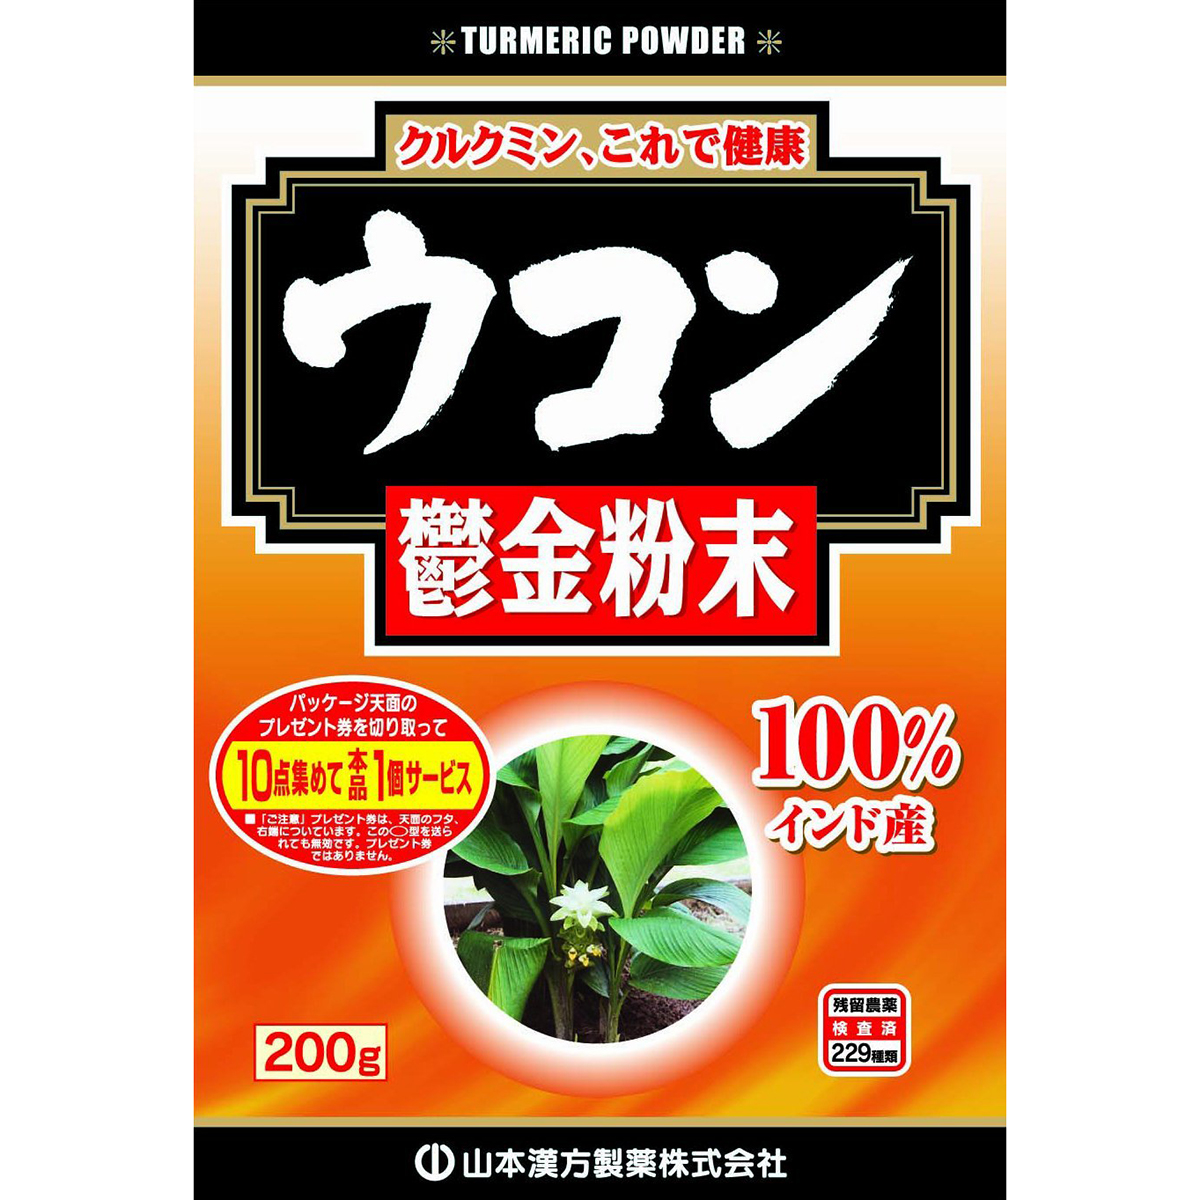 【ポイント13倍相当】山本漢方製薬株式会社 ウコン粉末100%200g×20個セット